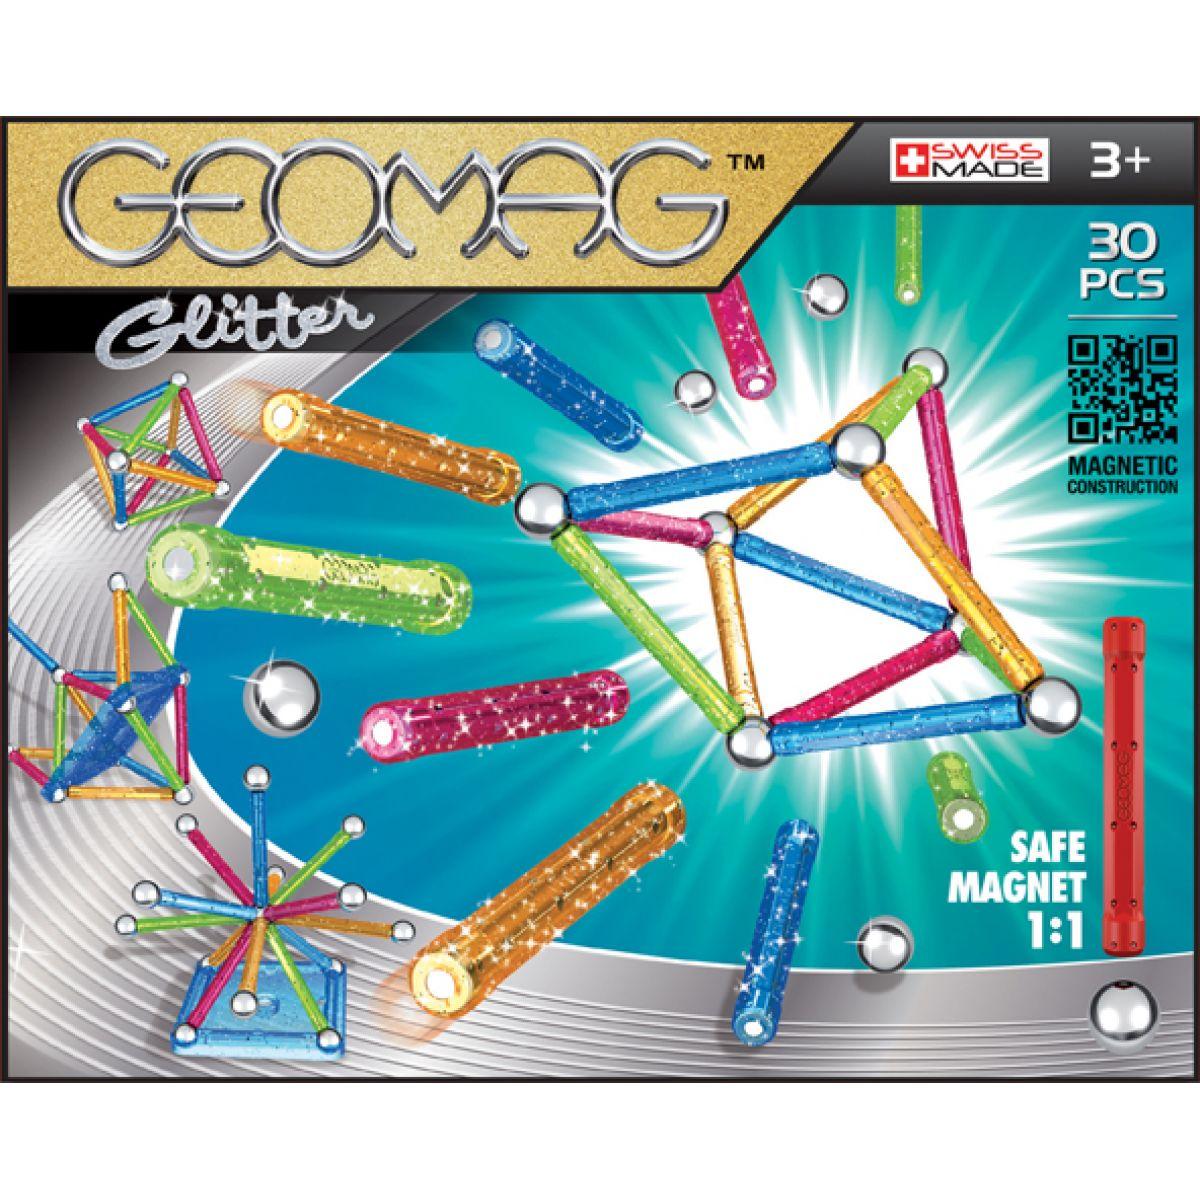 GeoGlitter 30